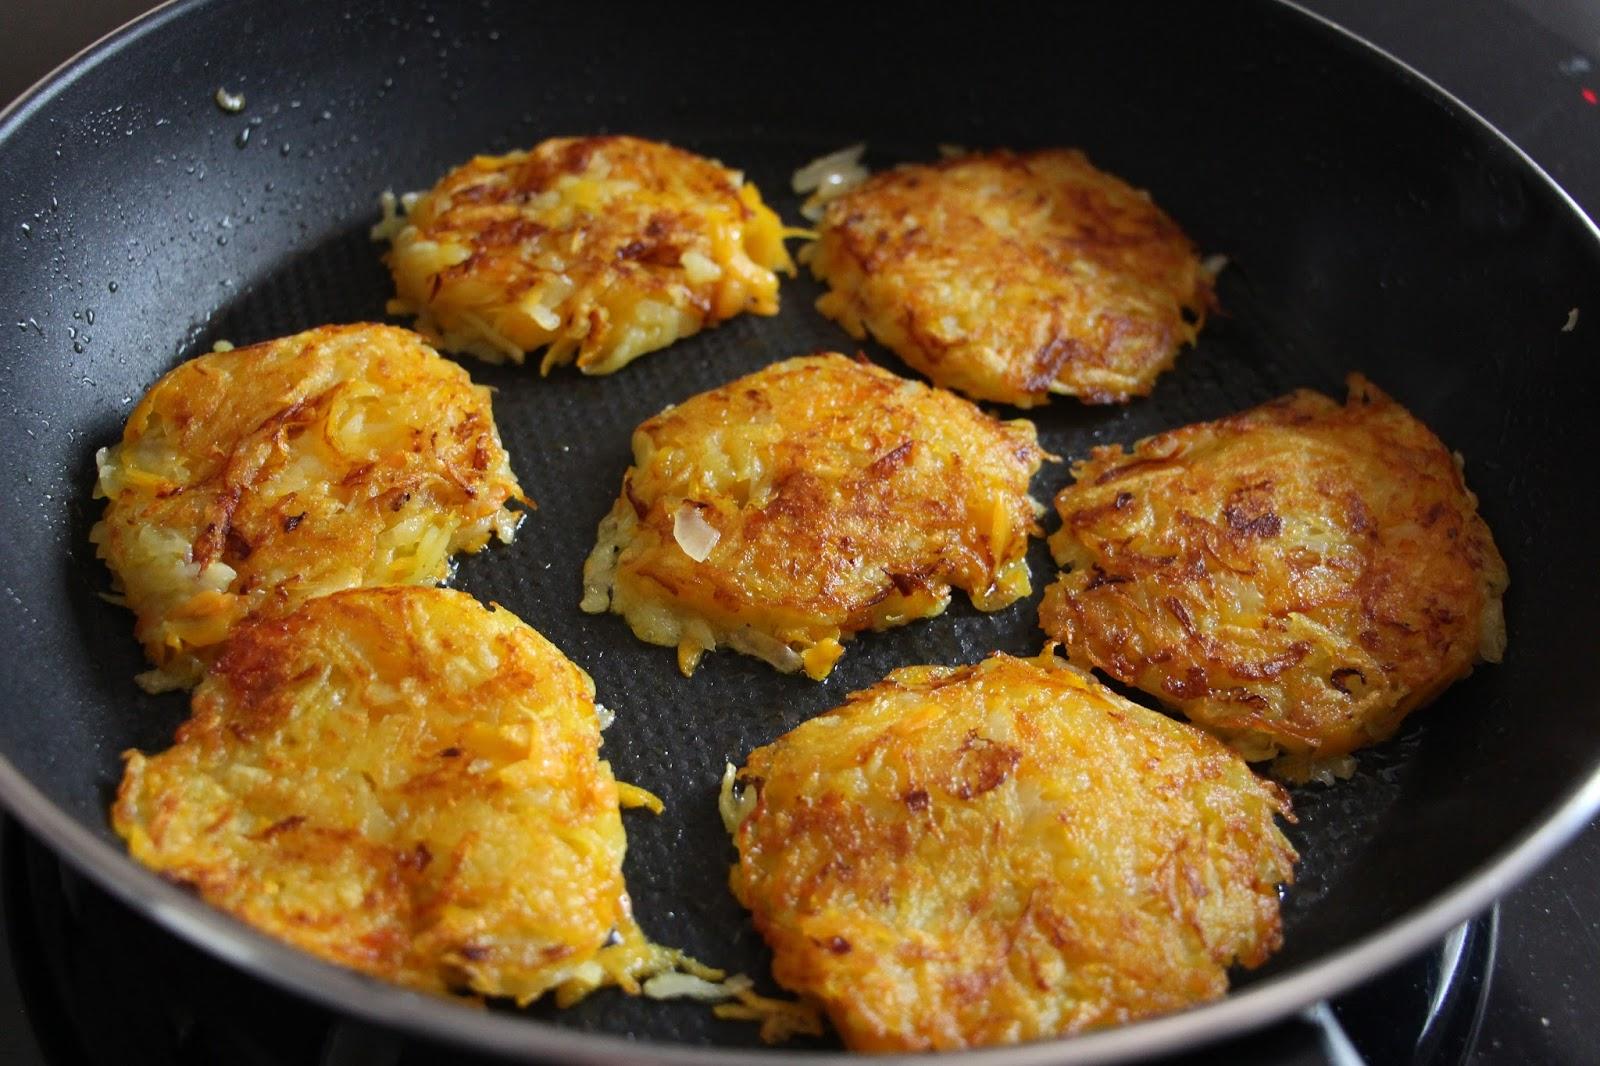 Röstis de pommes de terre